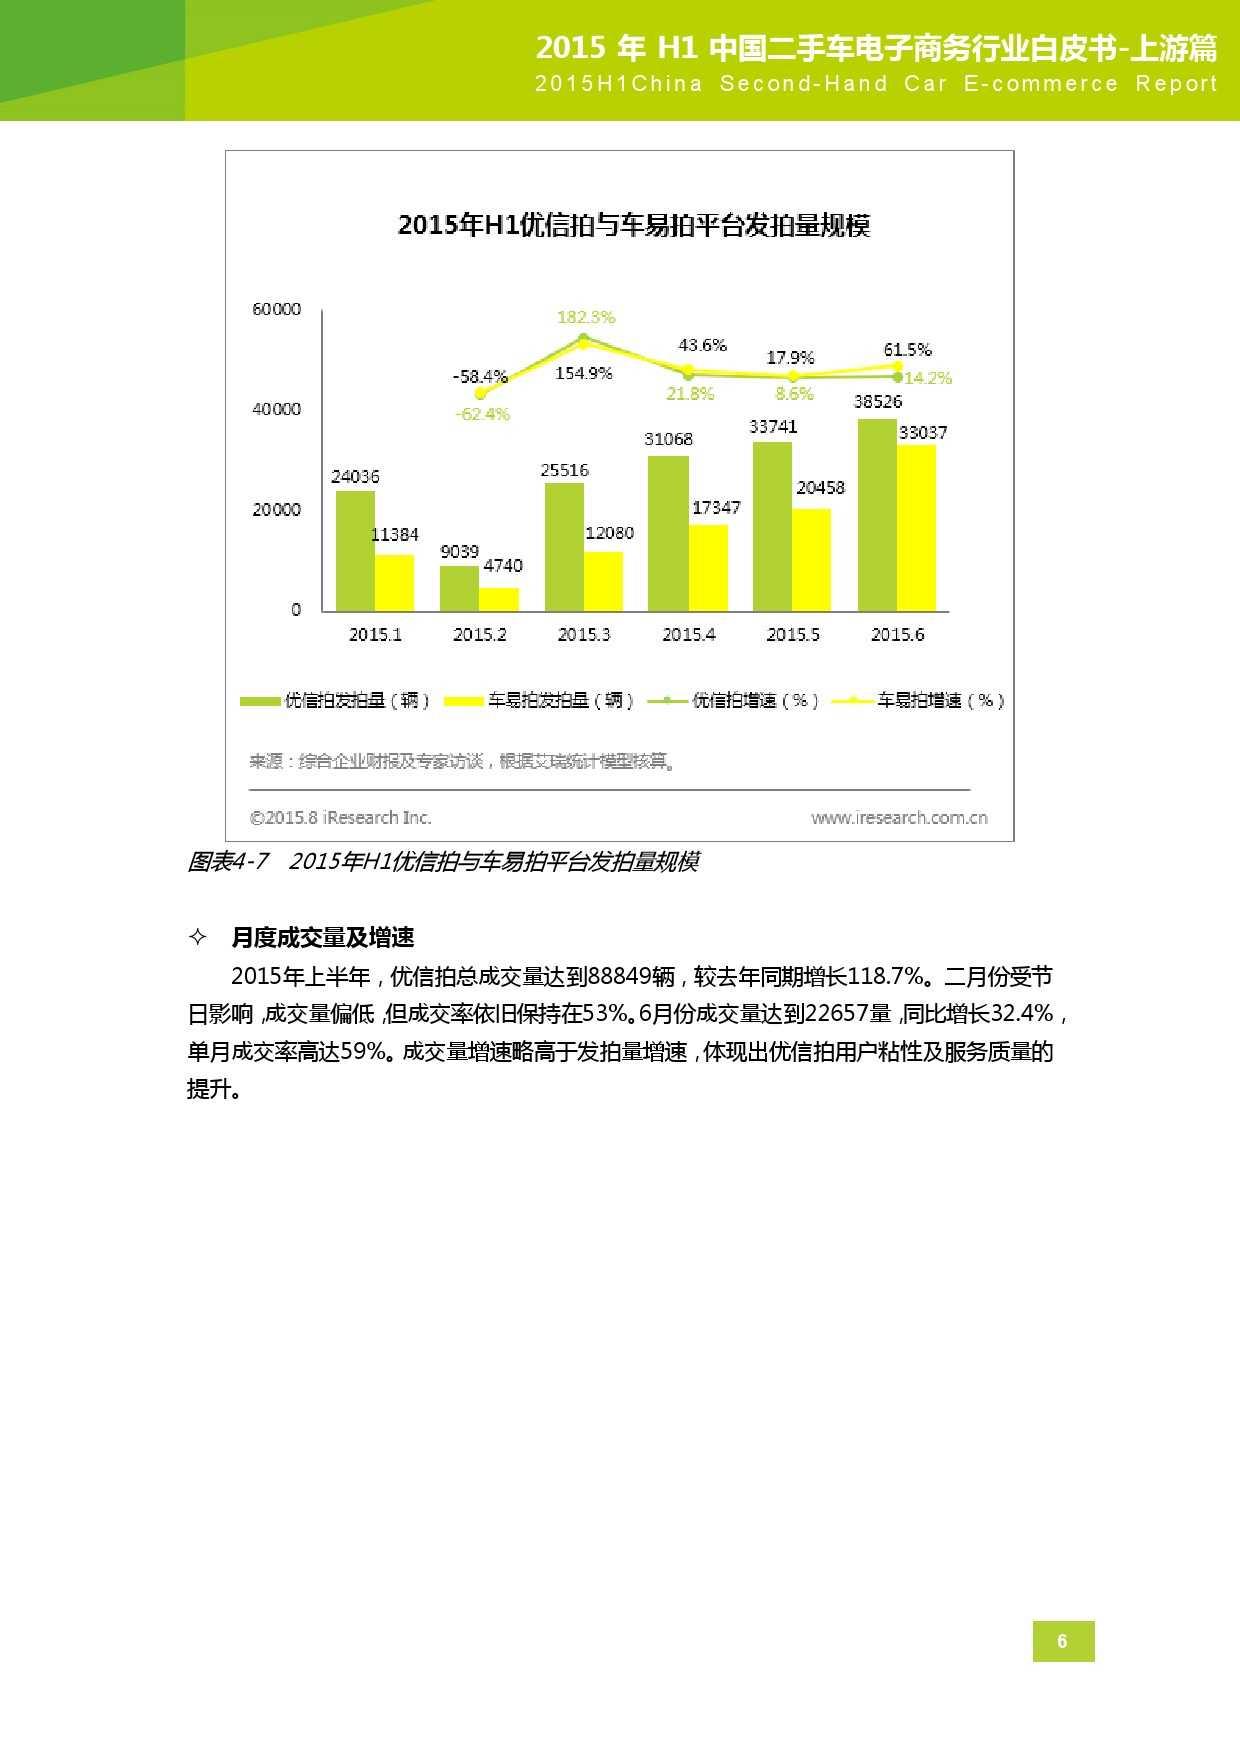 2015年中国二手车电子商务行业白皮书-上游篇_000044